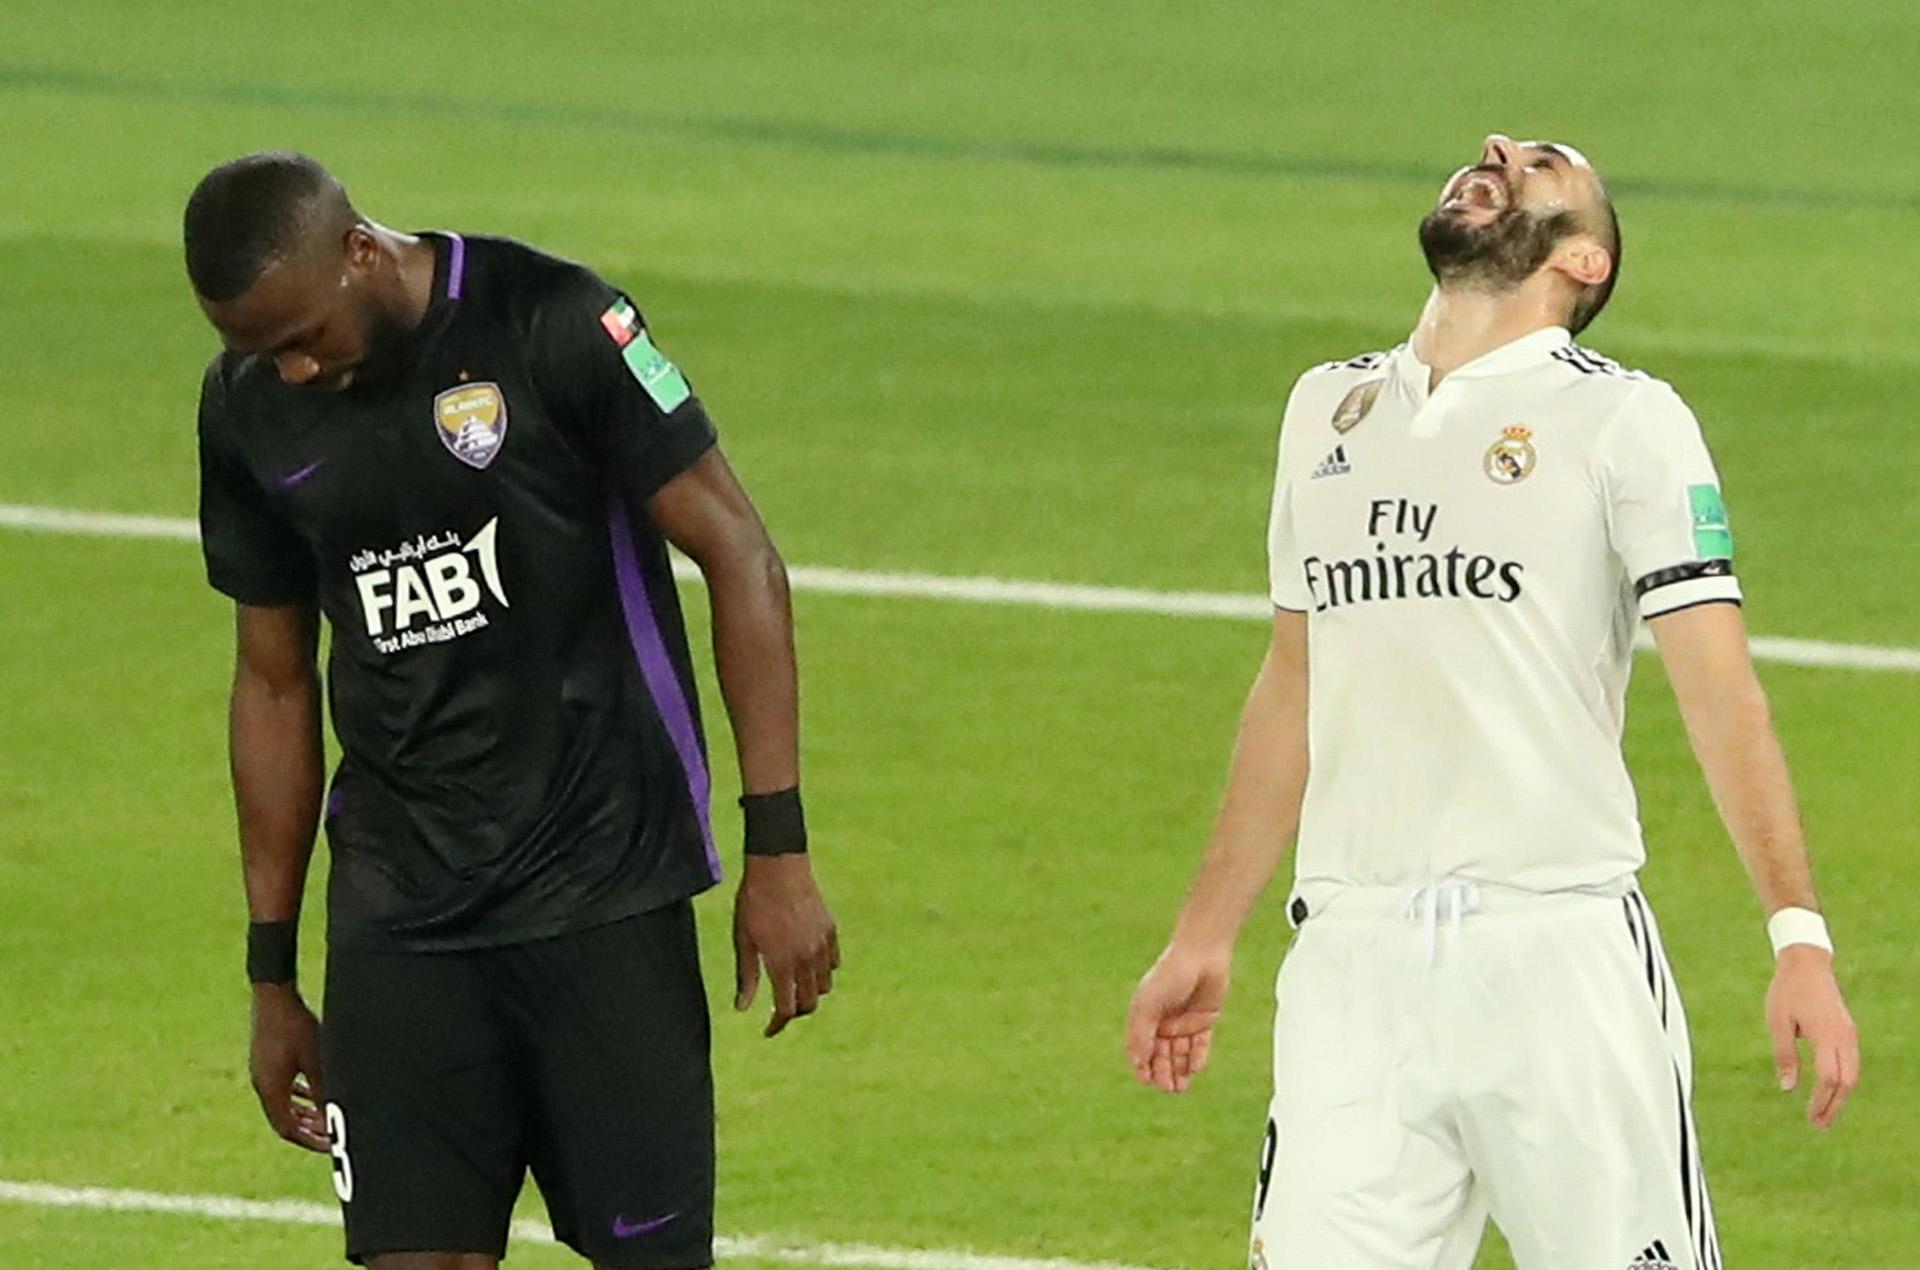 Llorente, centrocampista delRealMadrid, cerró su gran Mundial de Clubes con un golazo en la final ante Al Ain